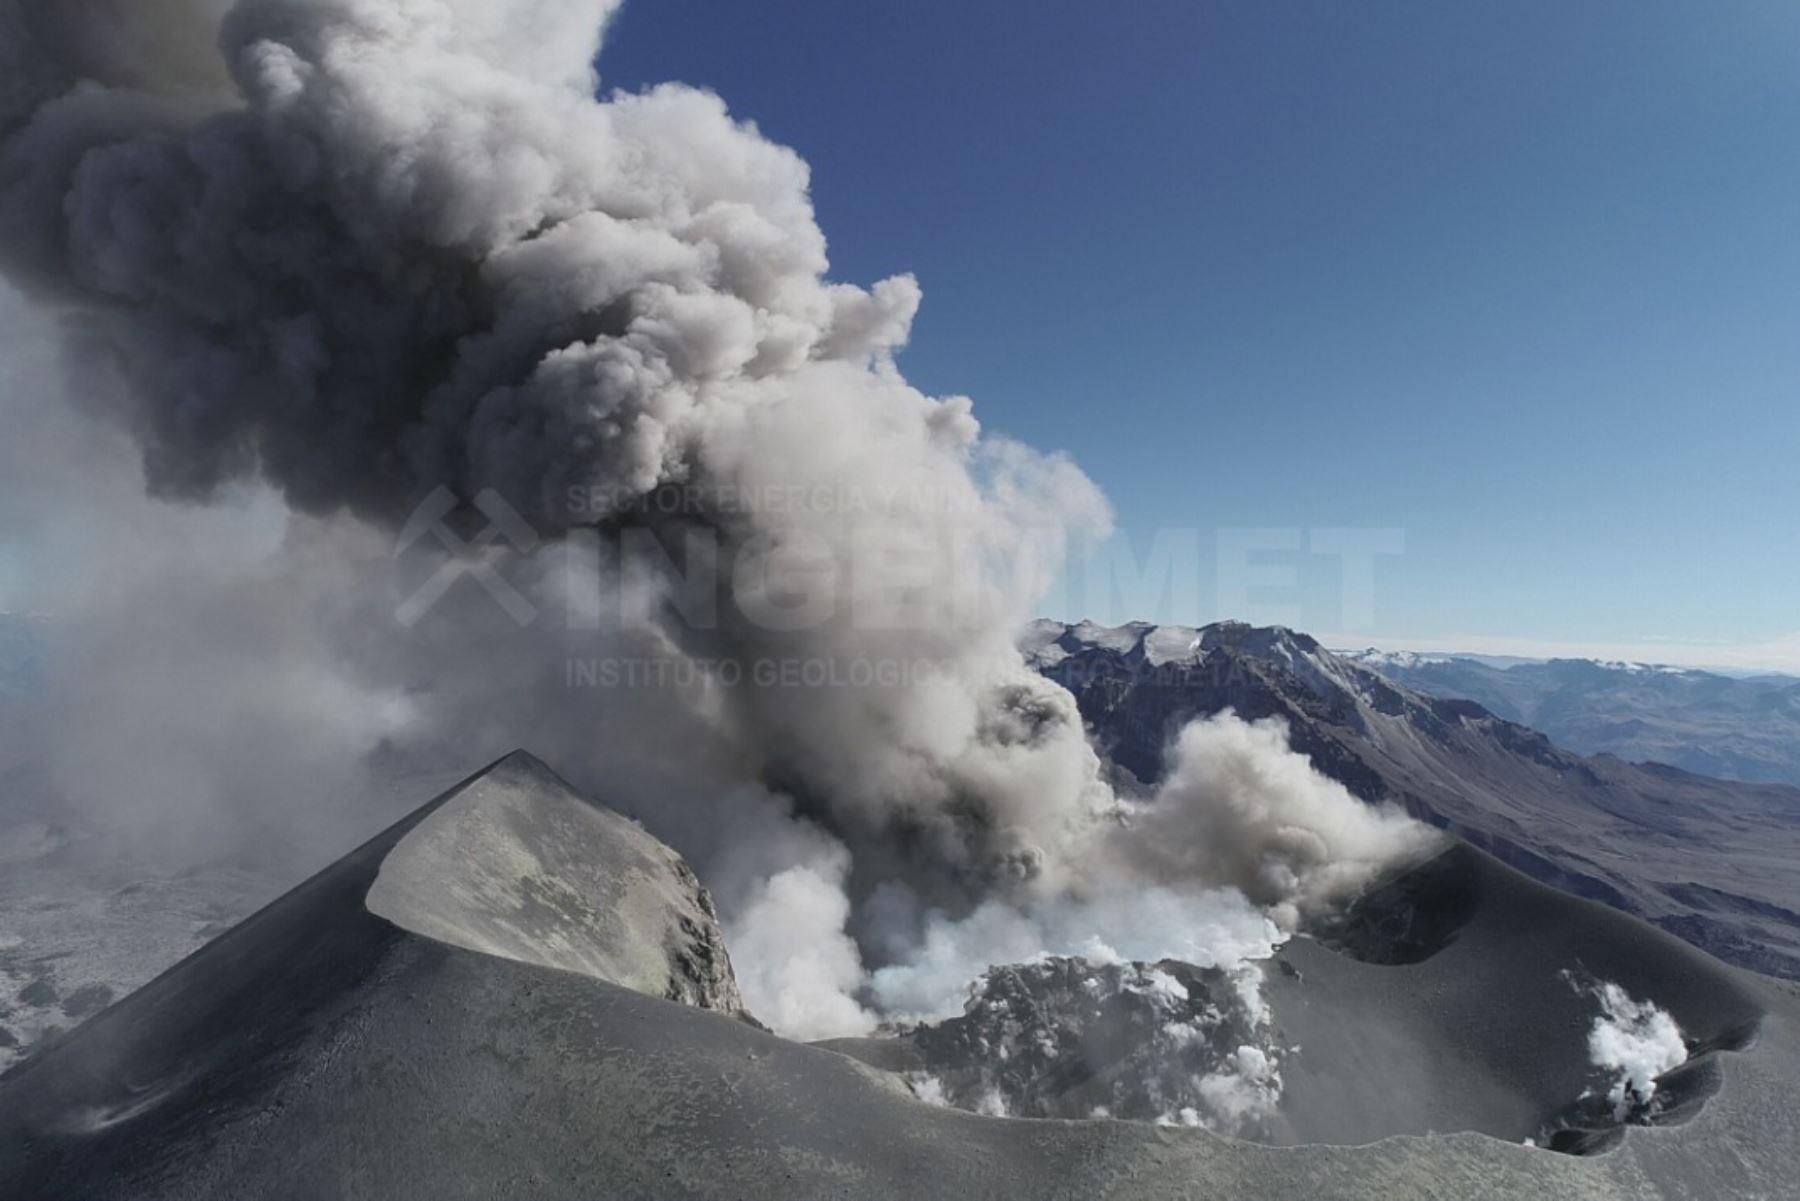 Al menos ocho distritos del Valle del Colca, en la provincia arequipeña de Caylloma, resultaron afectados por las emisiones de ceniza del volcán Sabancaya, producidas esta mañana, informó el Centro Nacional de Vulcanología del Instituto Geofísico del Perú (IGP). ANDINA/difusión